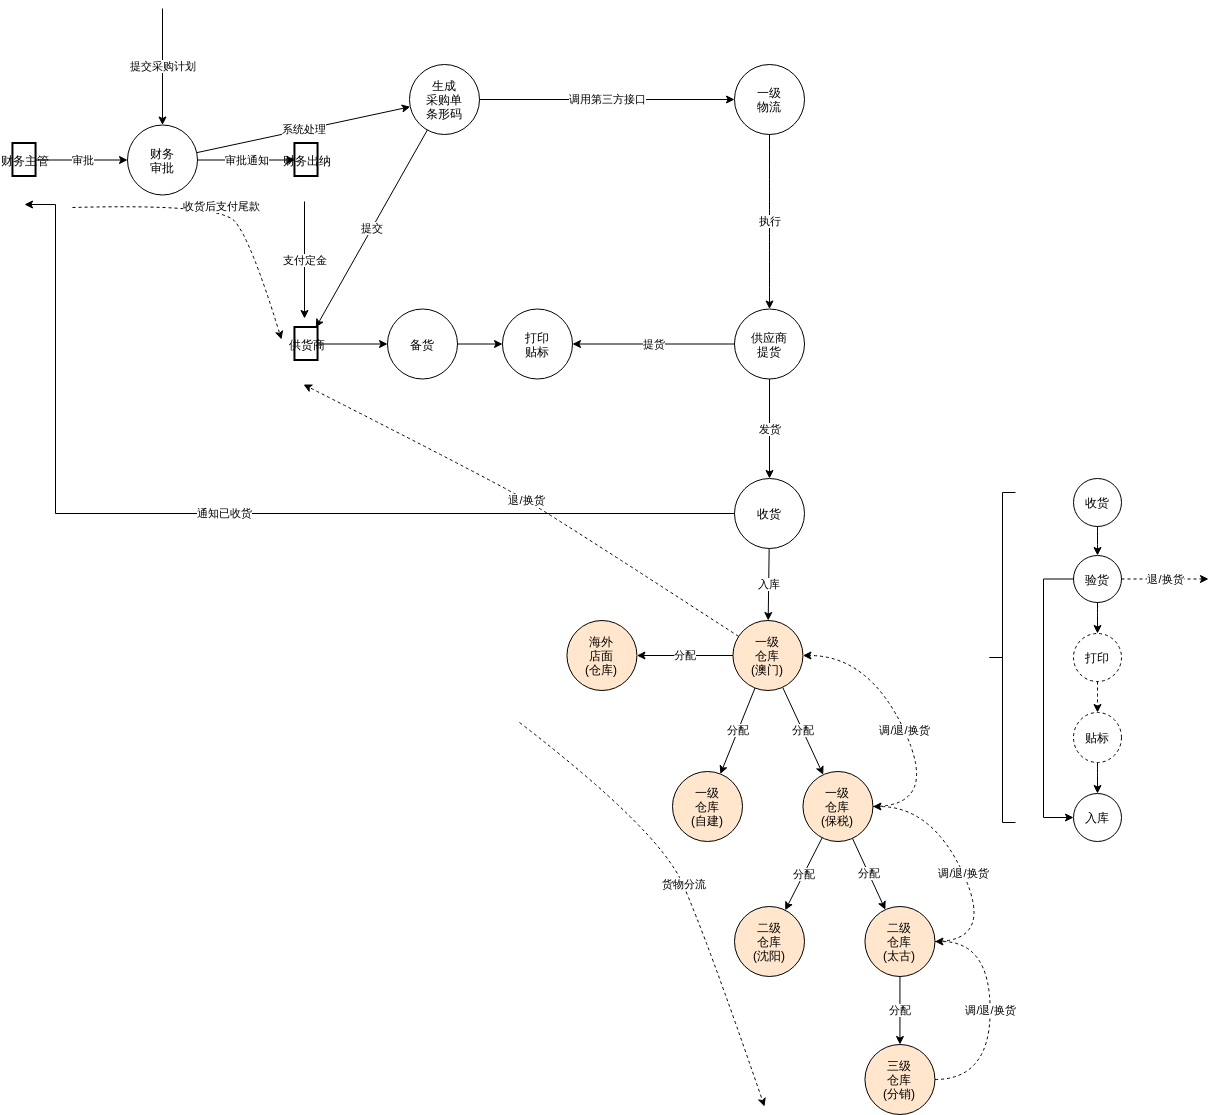 入库详细流程图